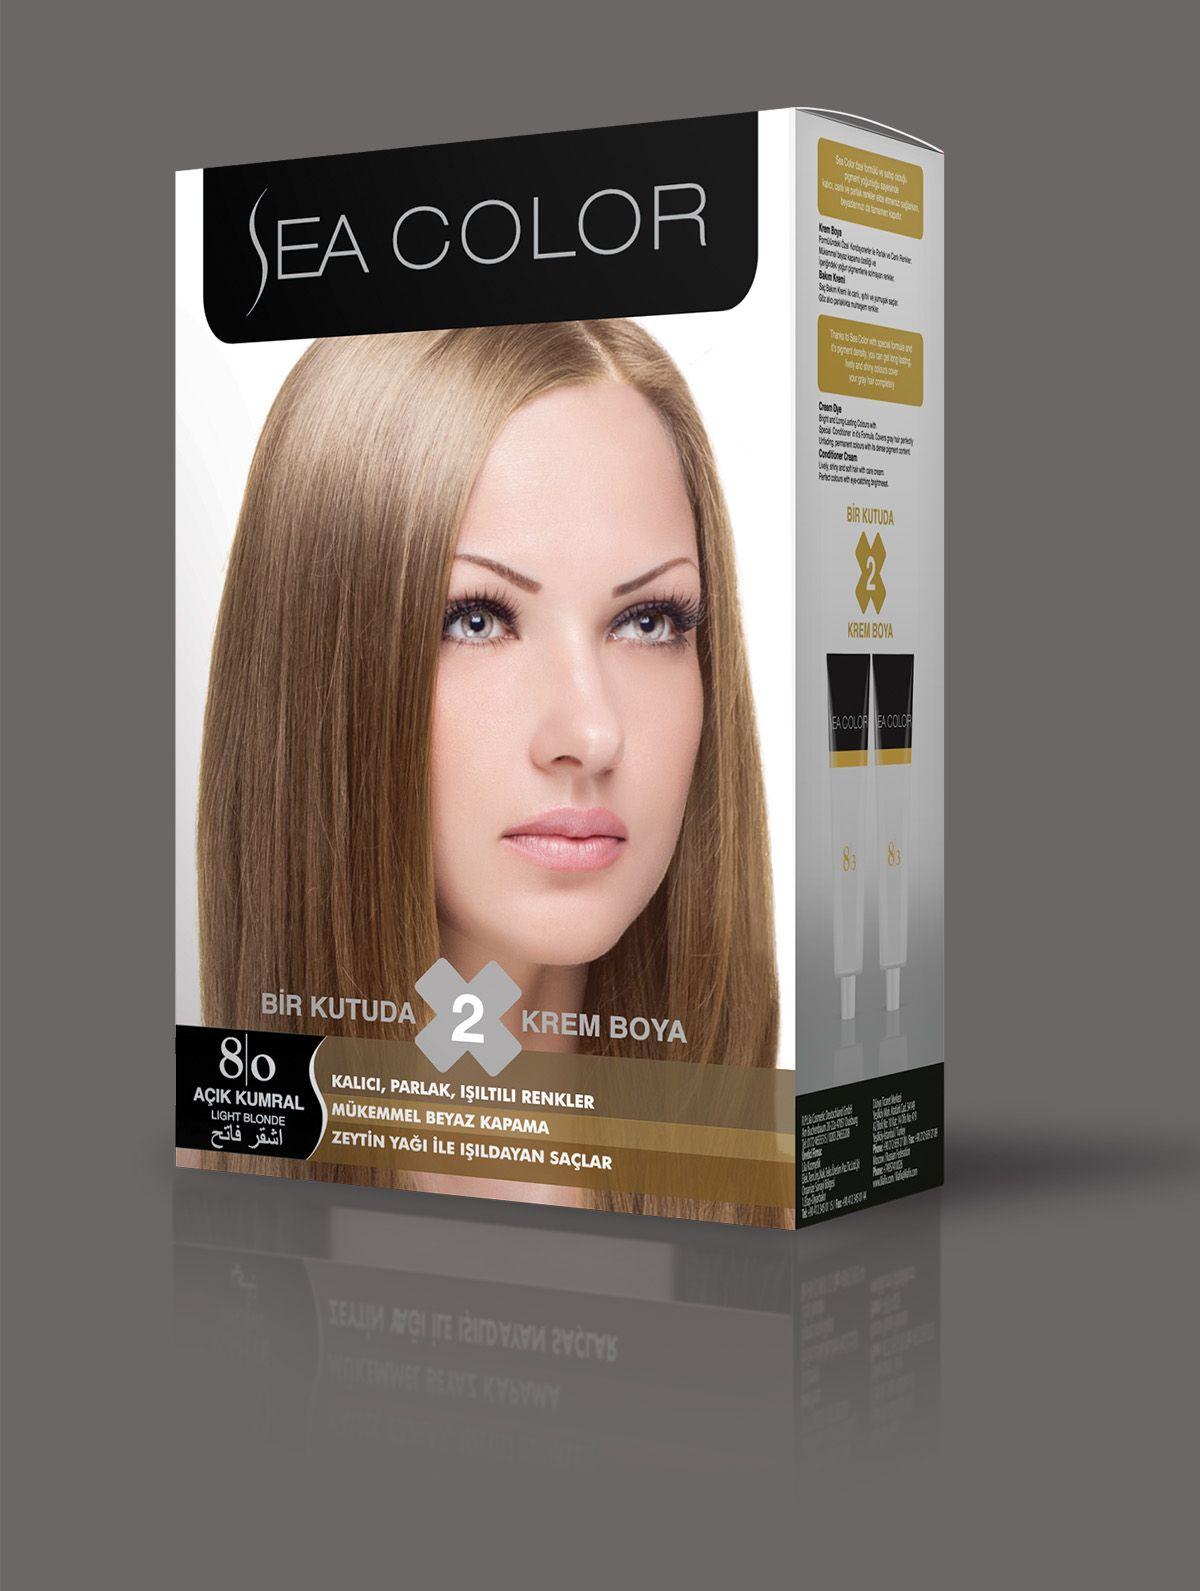 Sea Color Sac Boyasi 8 0 Acik Kumral 2020 Sac Boyasi Sac